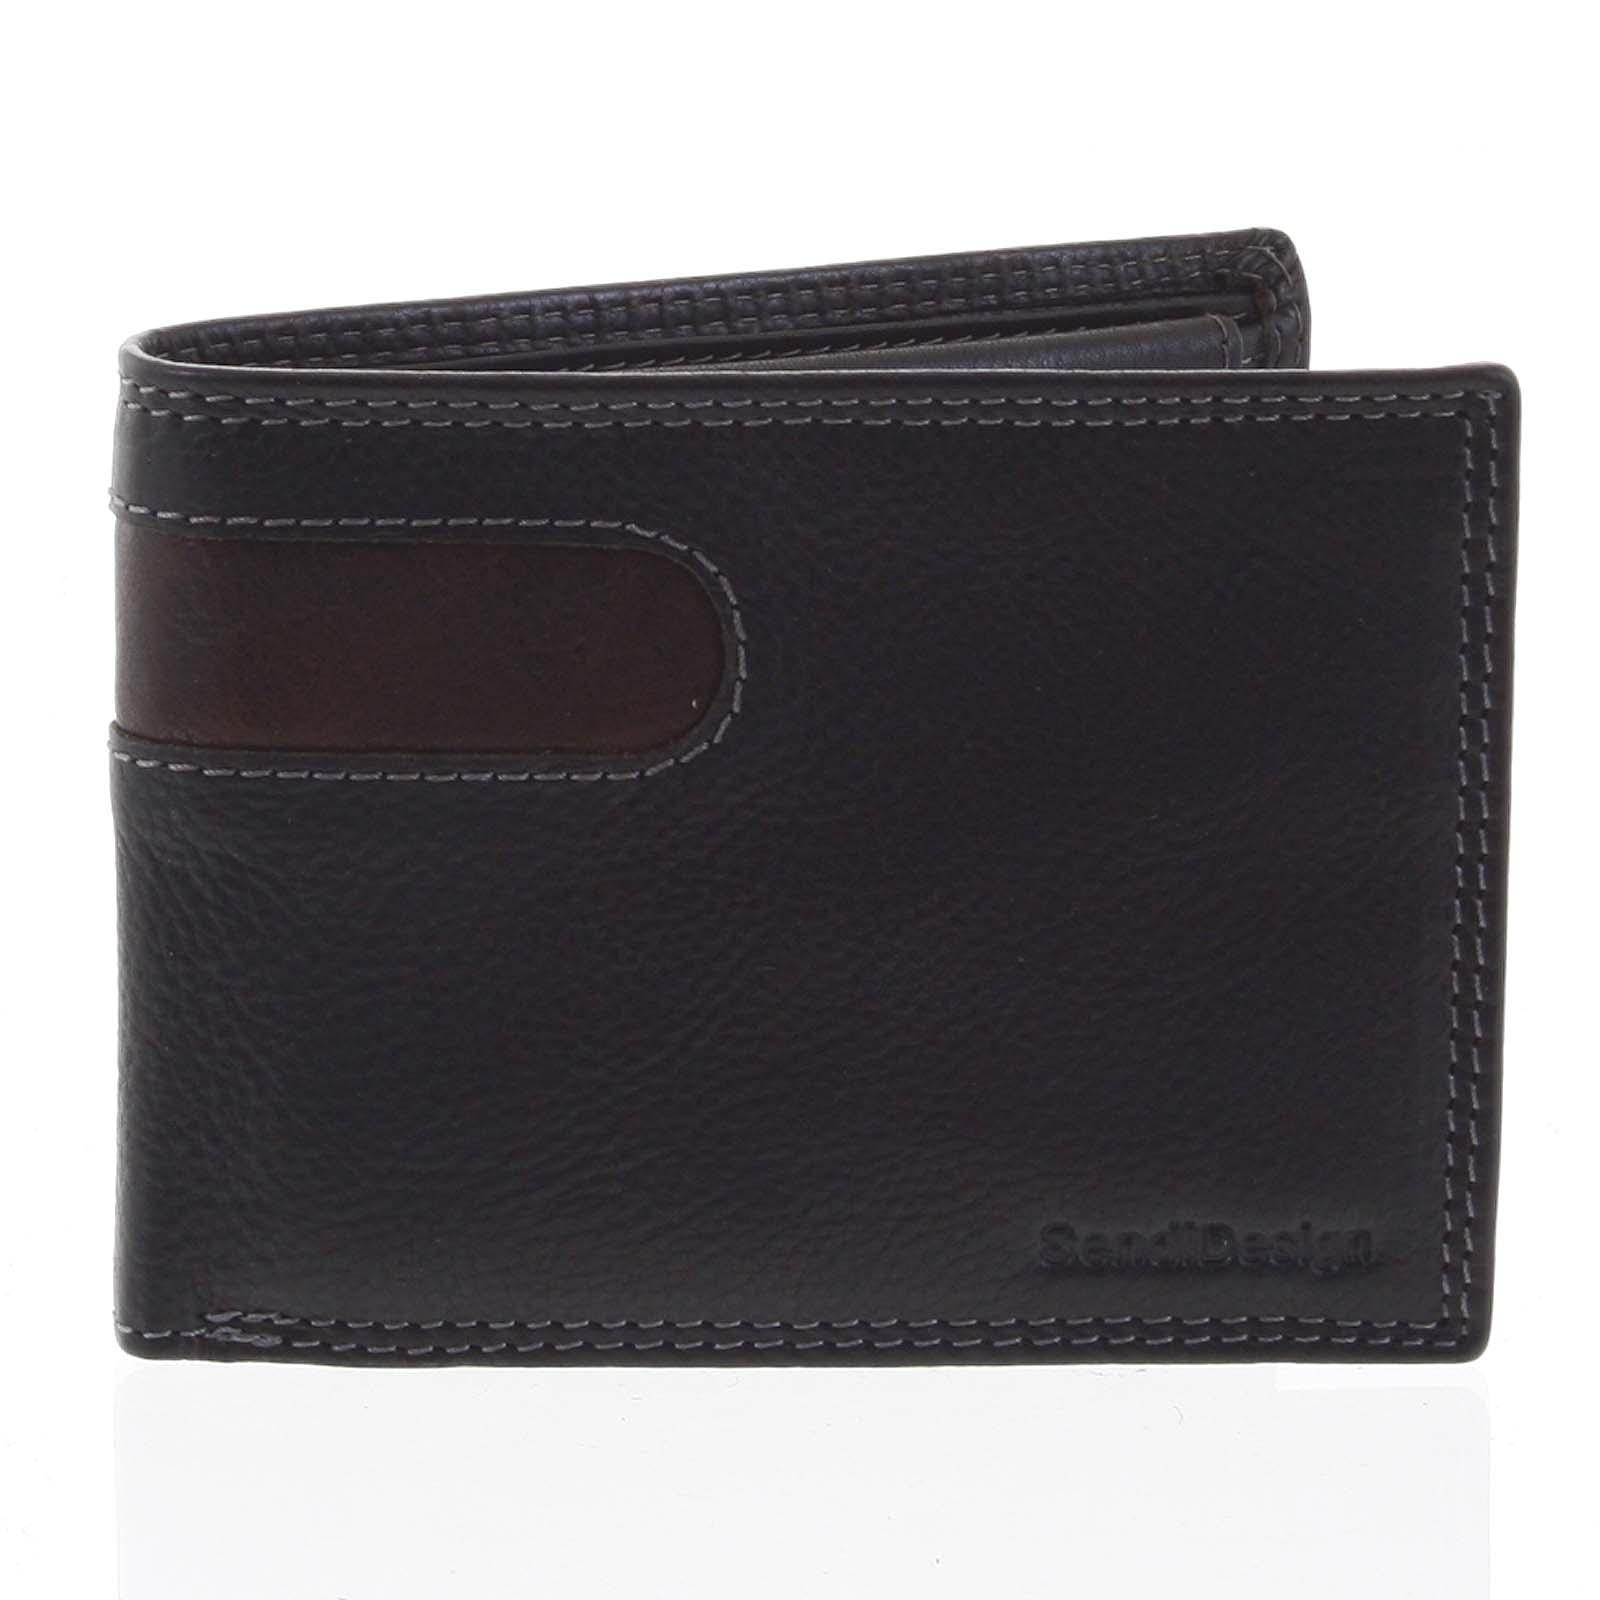 Pánska kožená peňaženka tenká čierna - SendiDesign Elohi čierna